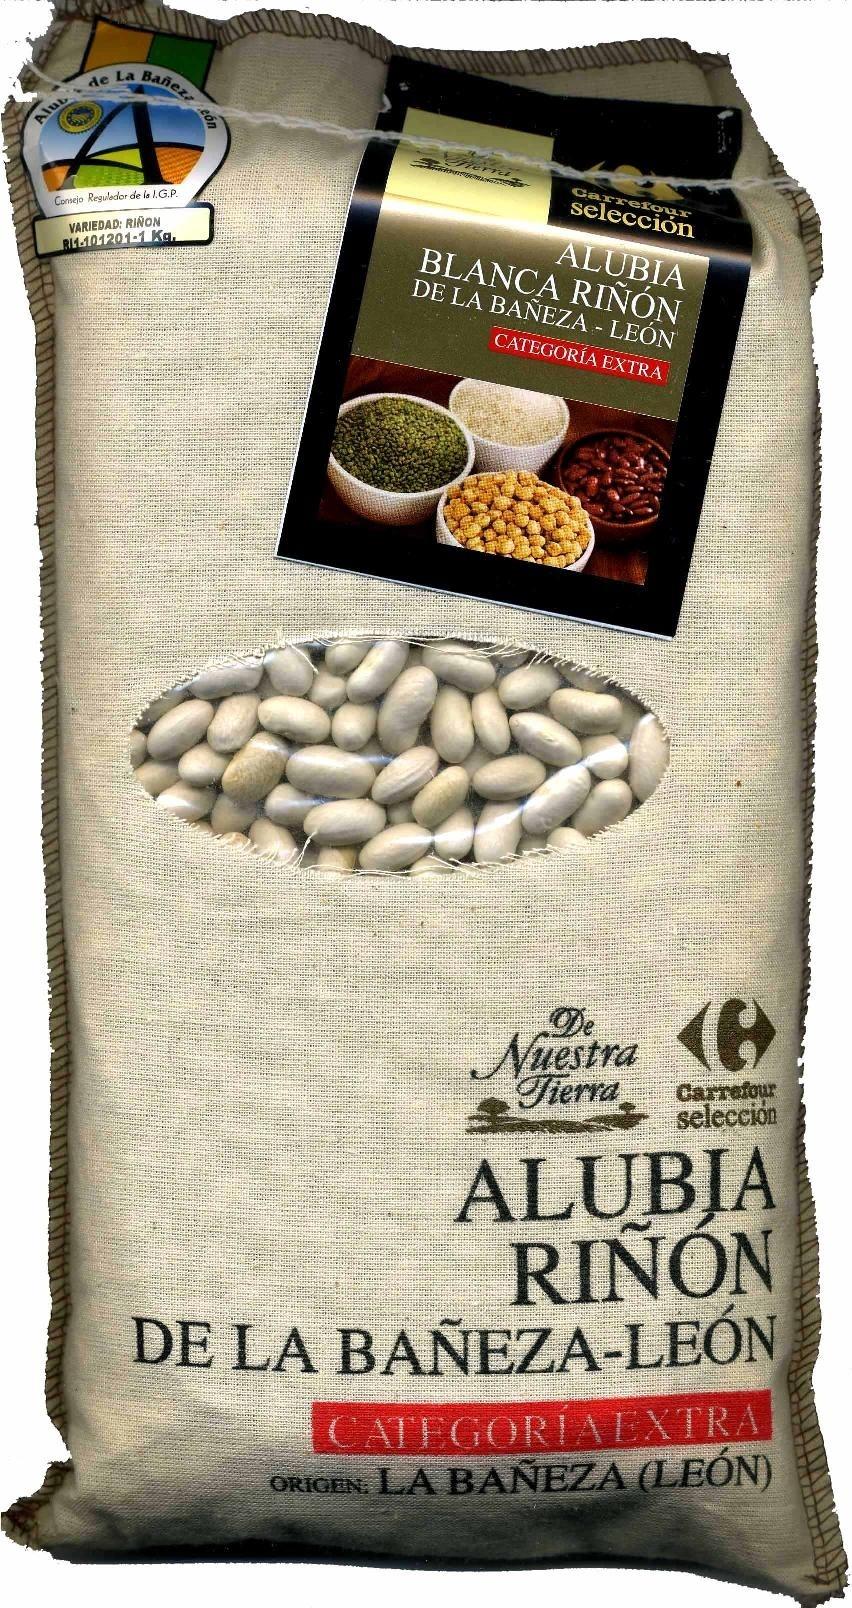 Alubias blancas de riñón Origen La Bañeza-León - Producto